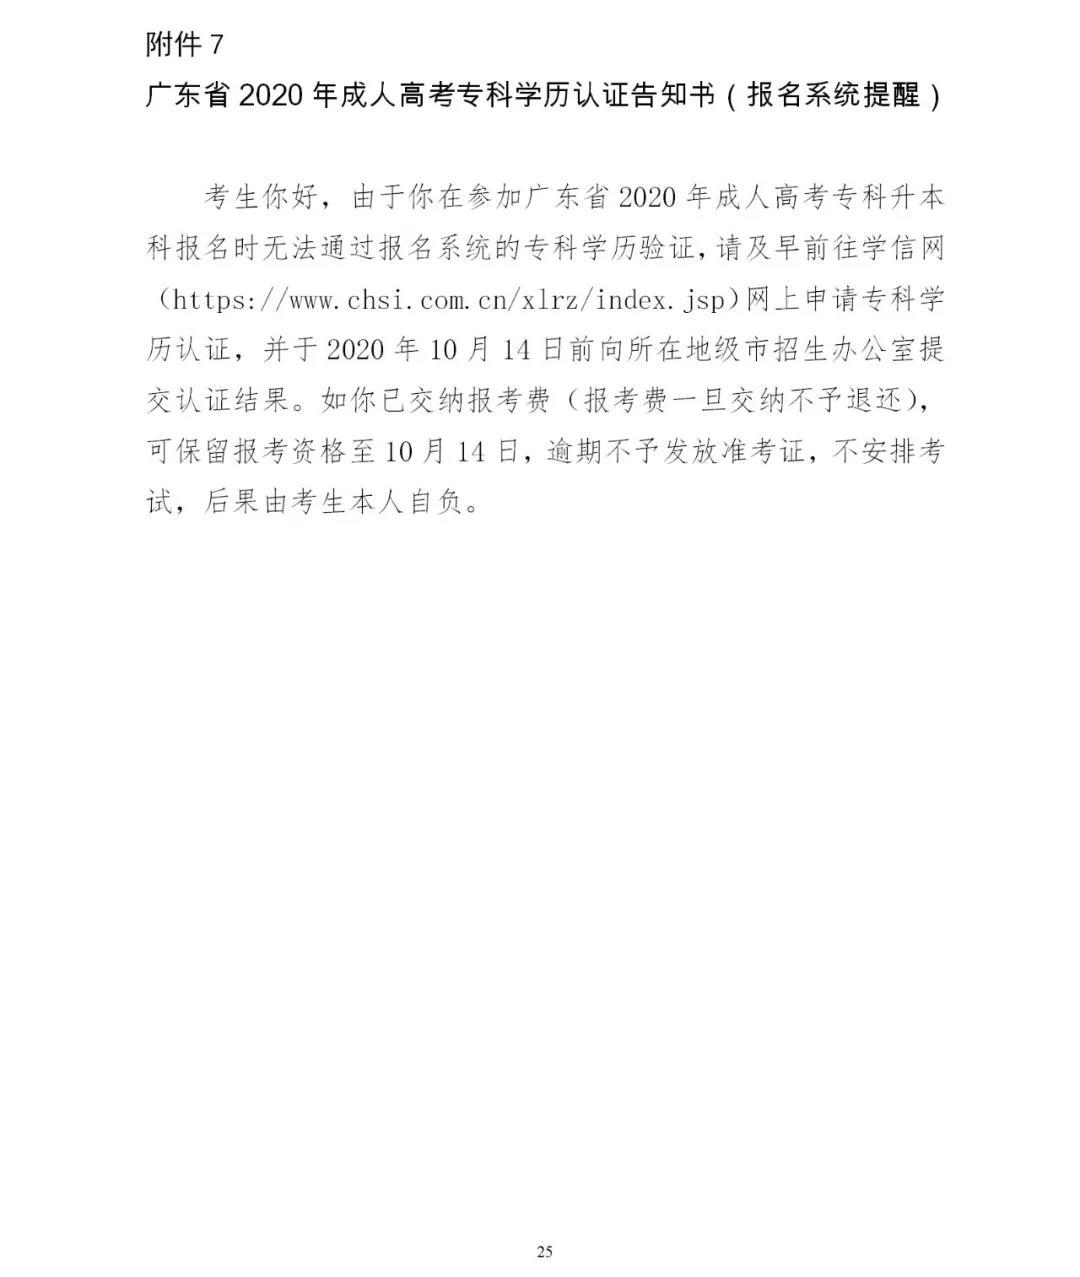 广东省2020年成人高考专科学历认证告知书